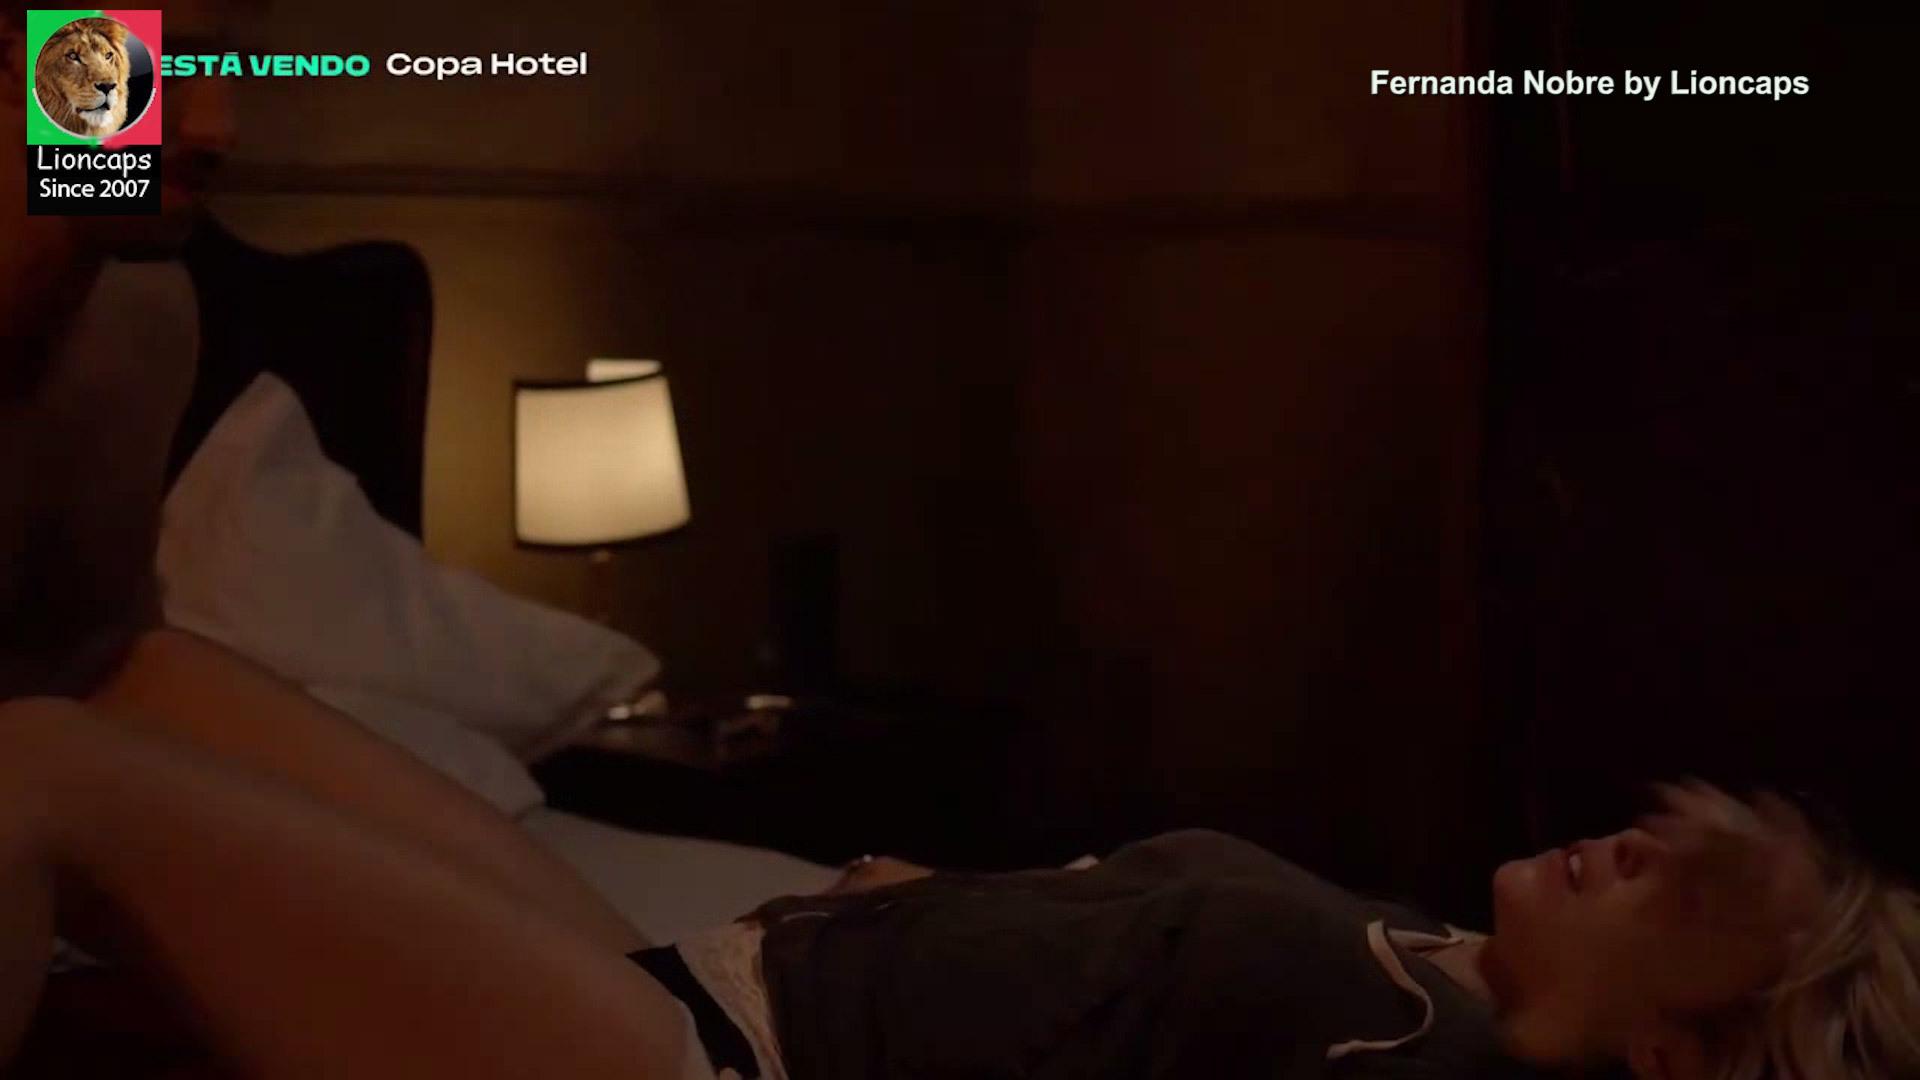 fernanda_nobre_copa_hotel_lioncaps_20_04_2021 (4).jpg